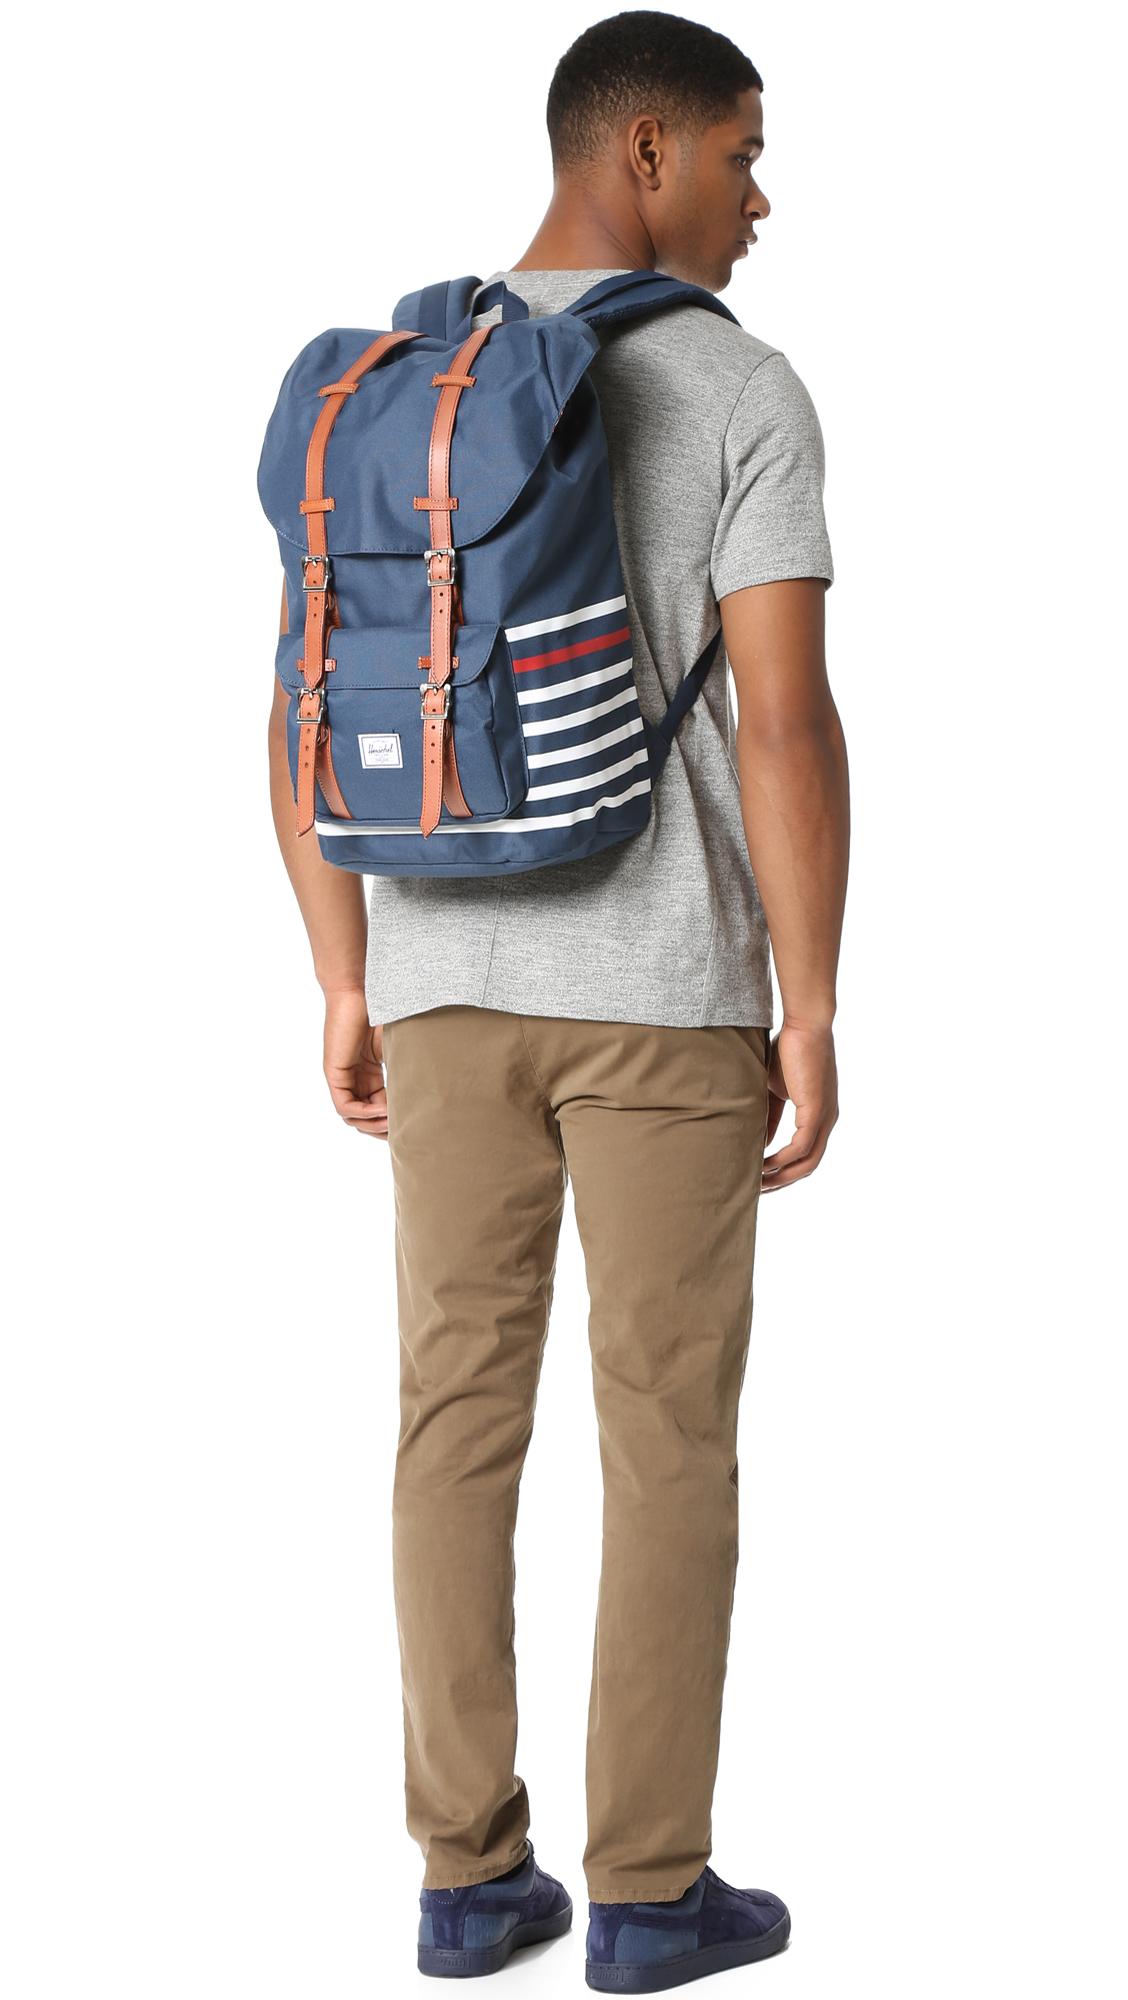 363addcfdea Lyst - Herschel Supply Co. Little America Backpack in Blue for Men